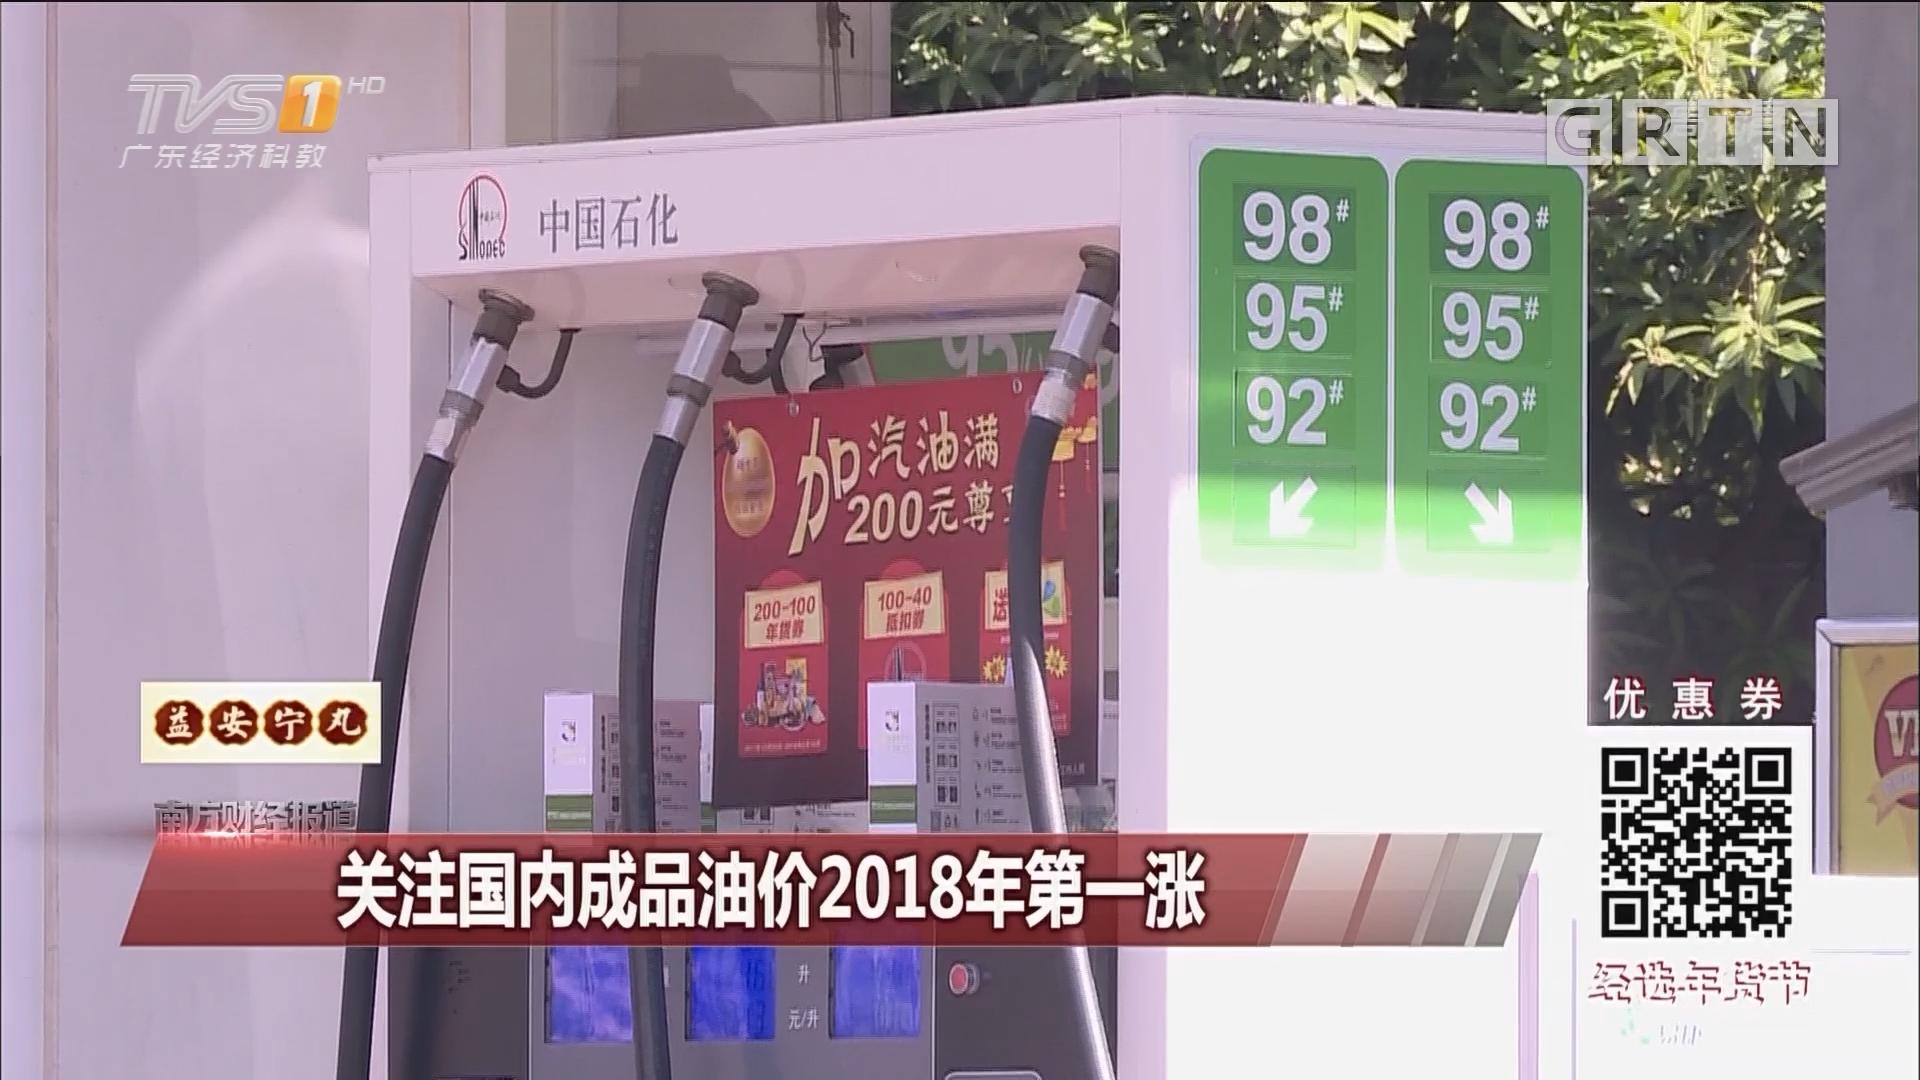 关注国内成品油价2018年第一涨